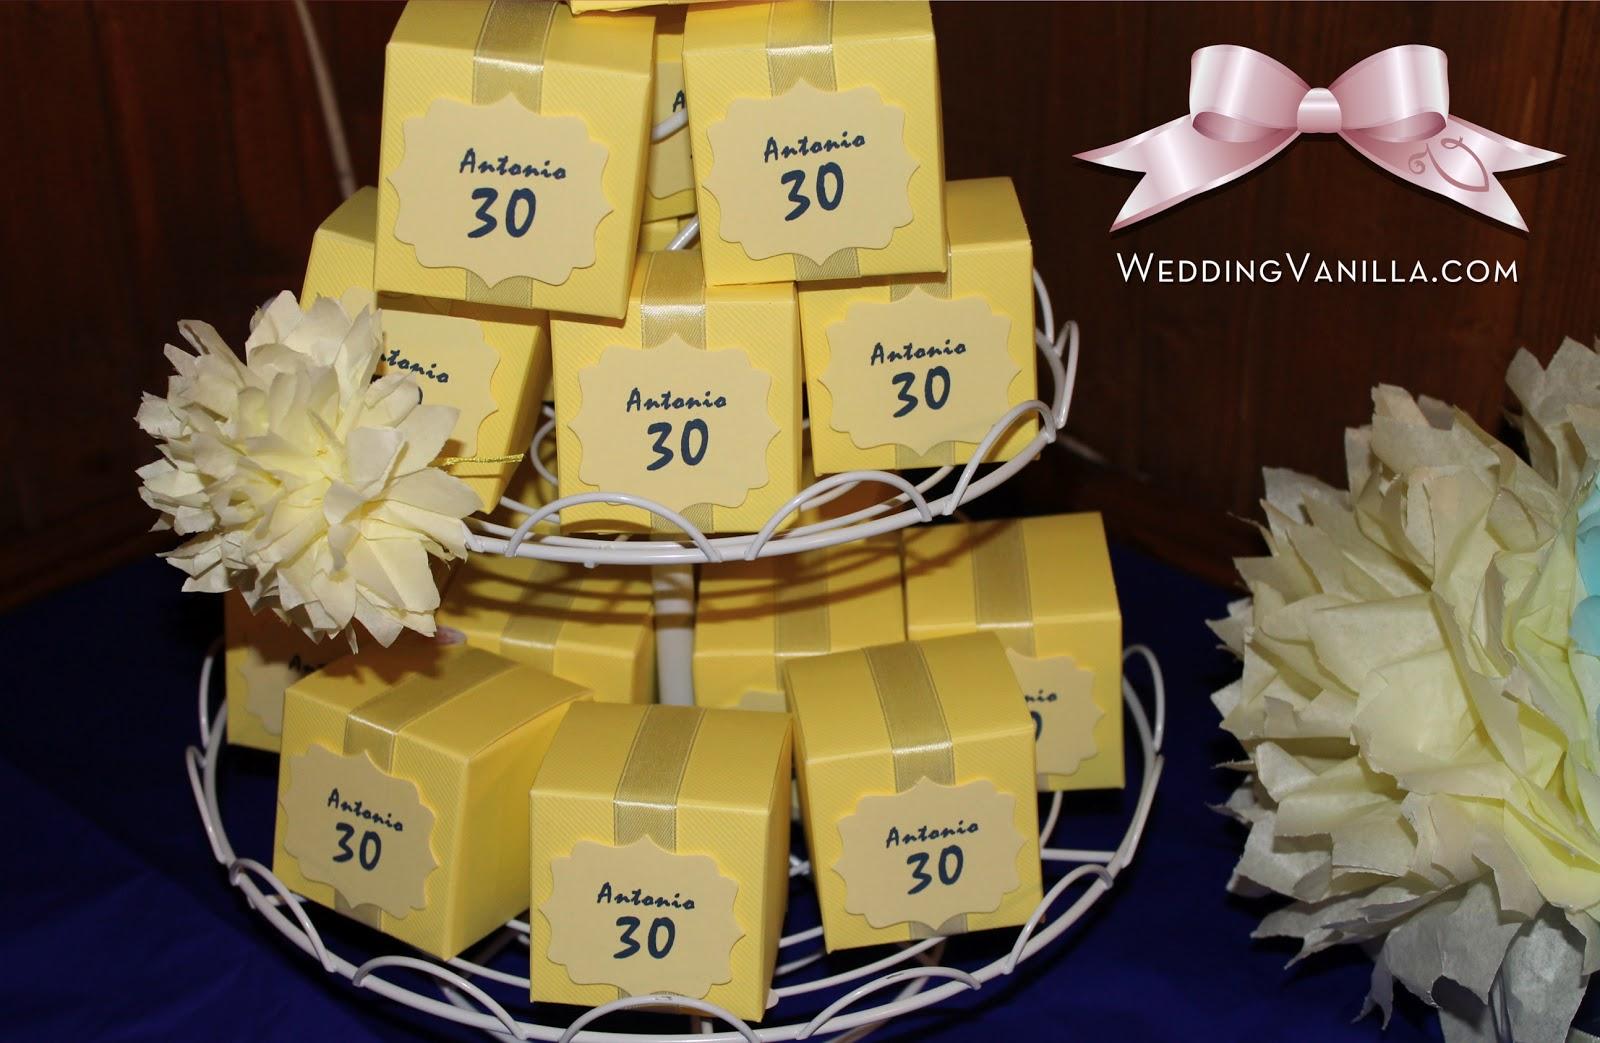 Super Vanilla Wedding Design: 30 anni: Festa di compleanno di Antonio  JN45